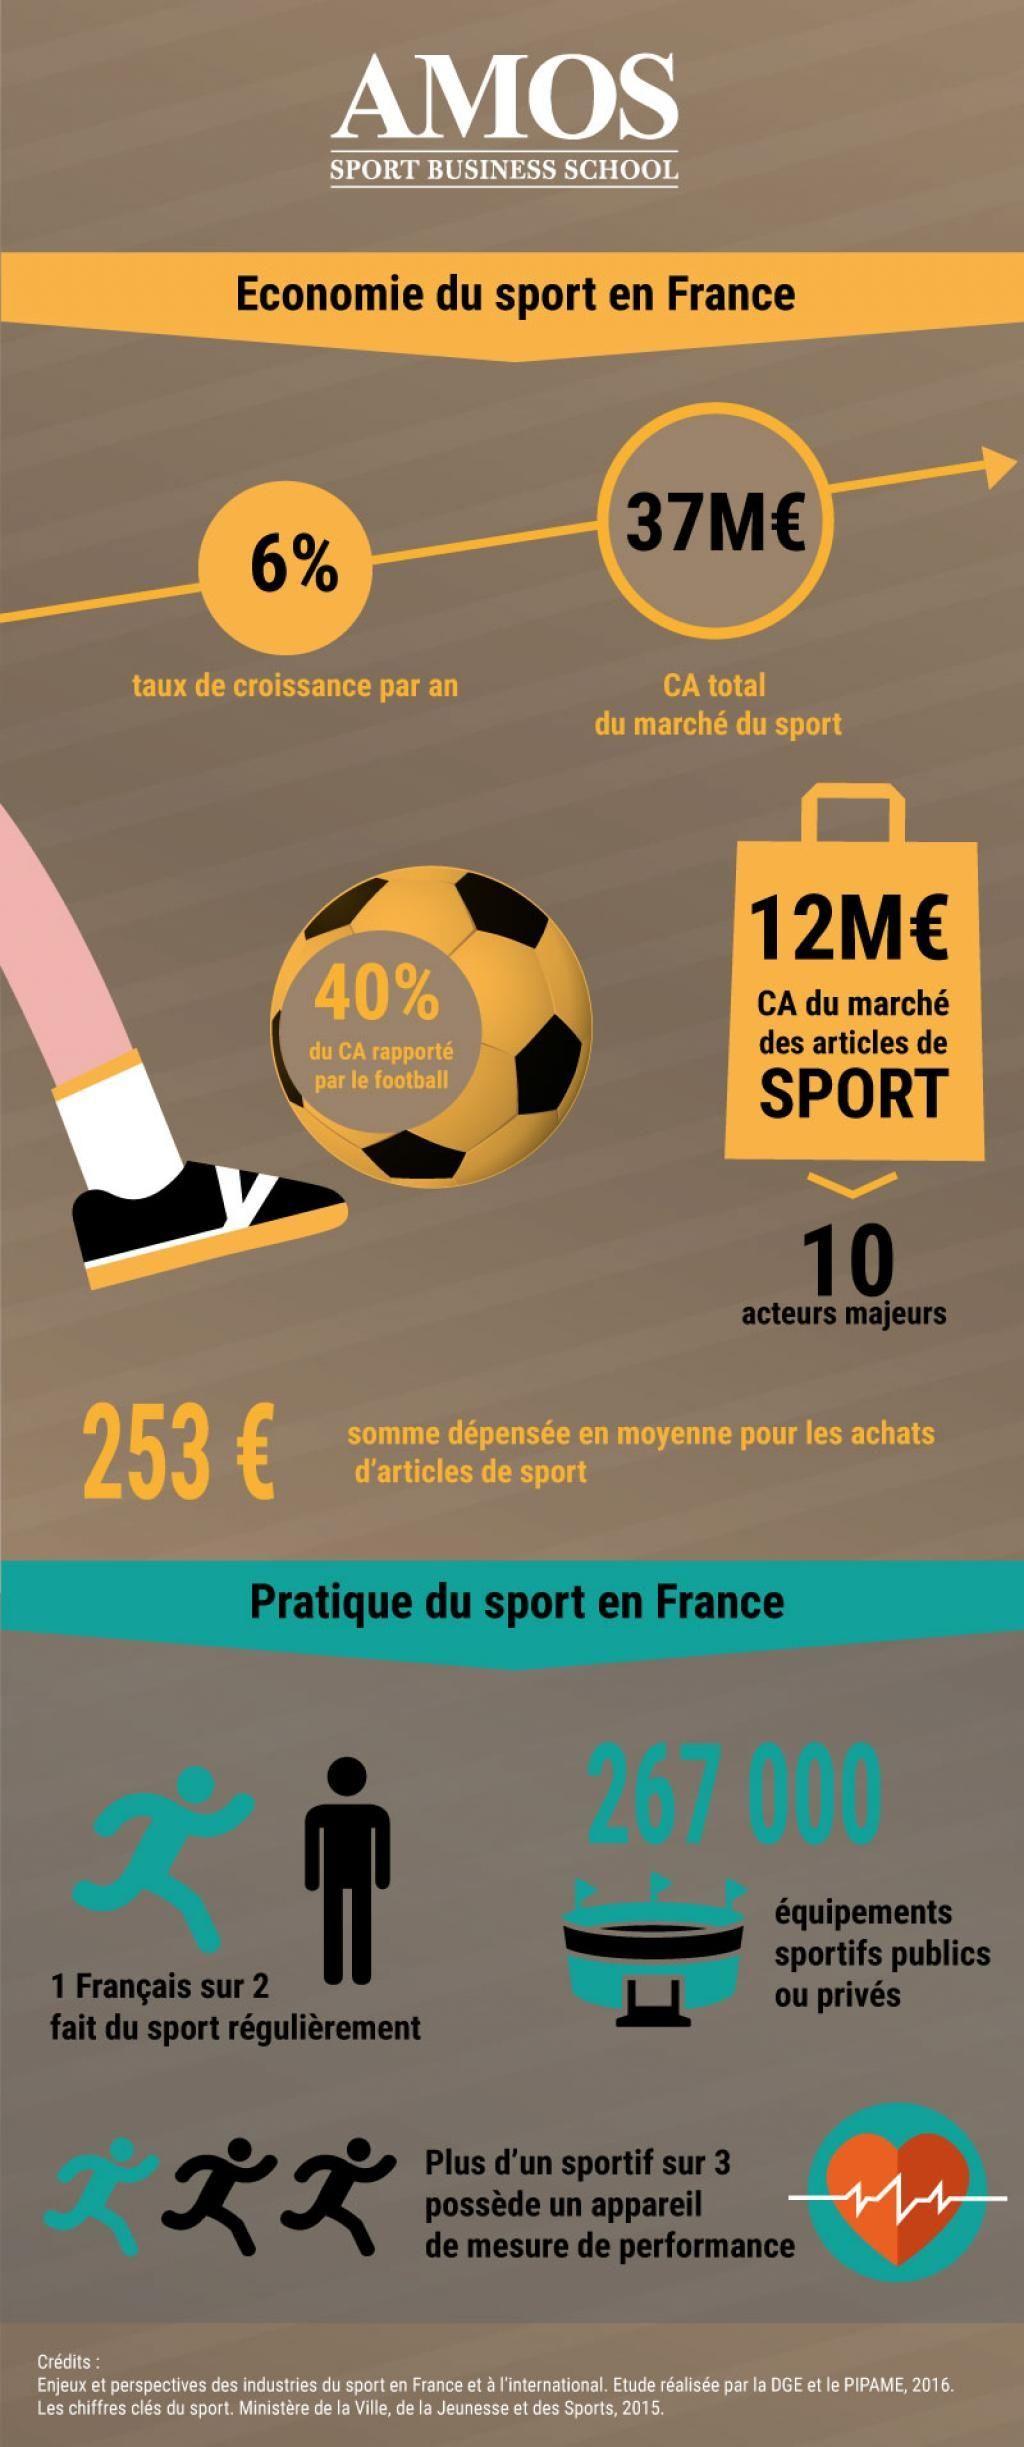 Les chiffres clés du sport en France //©Amos